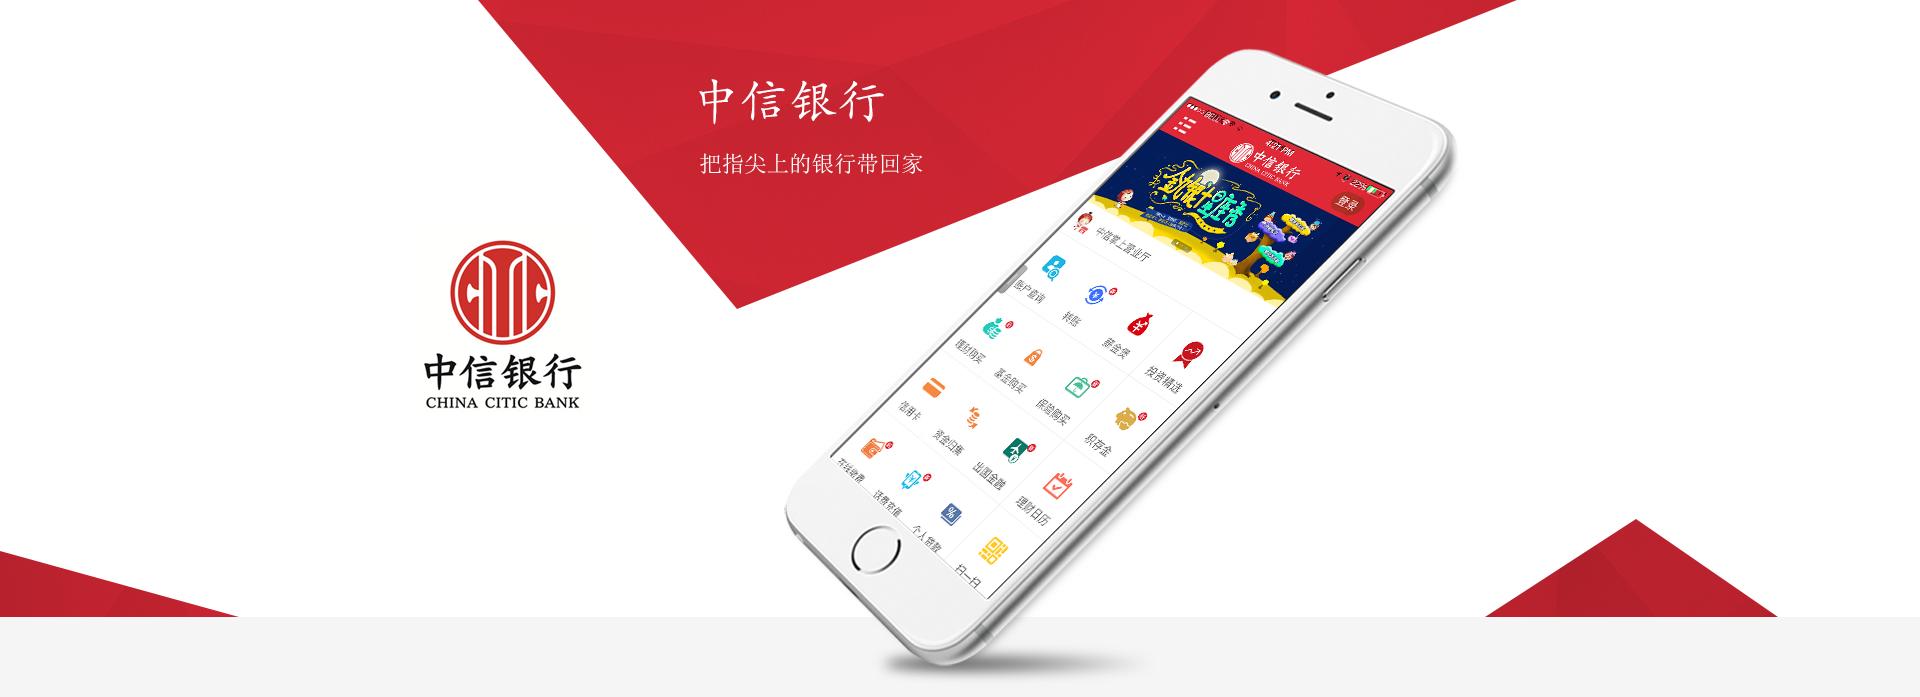 中信app开发,企业app开发案例